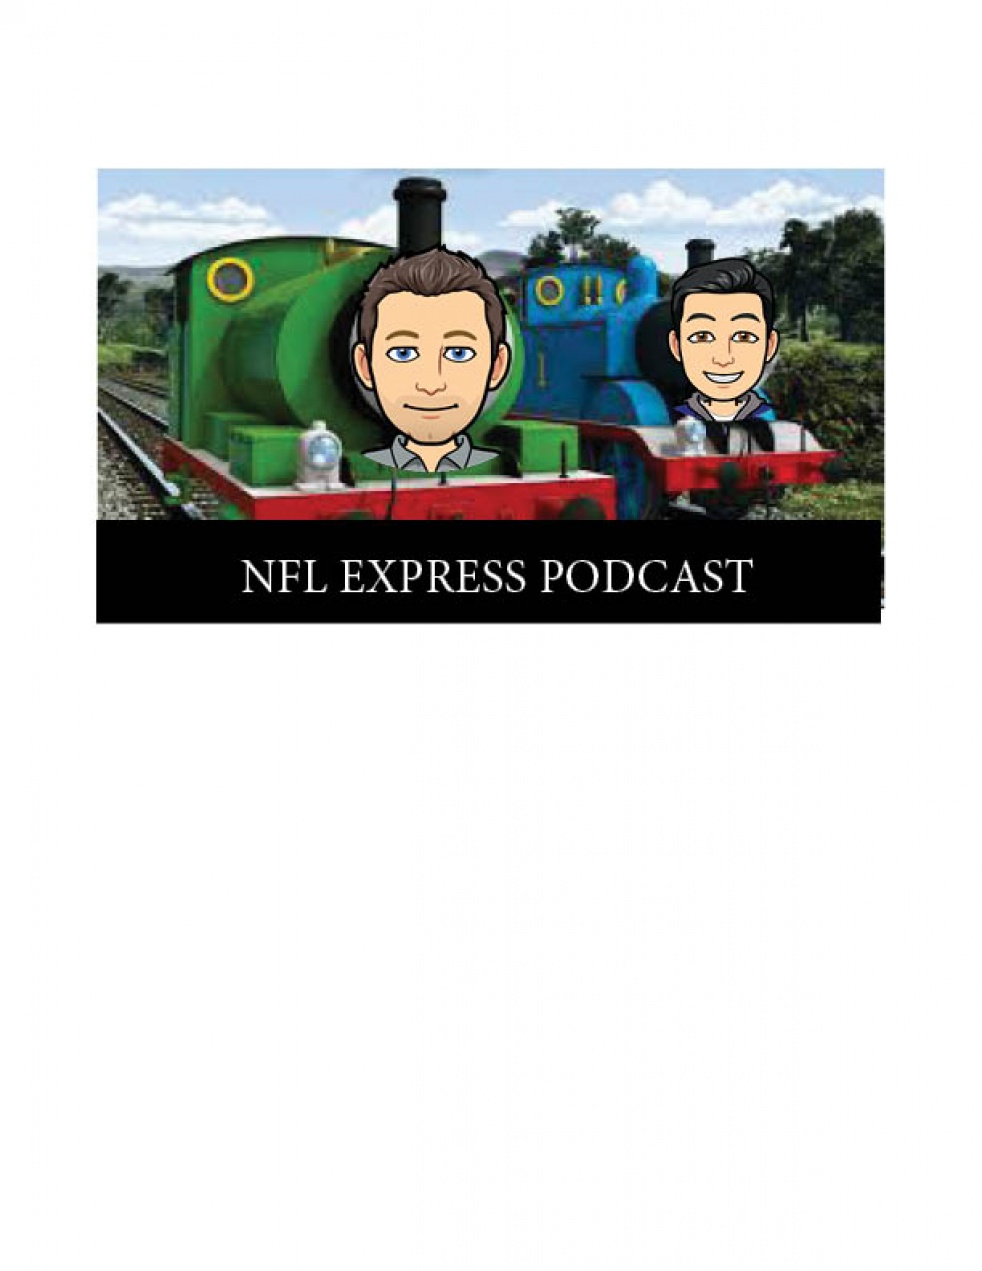 NFL Express Podcast - imagen de show de portada